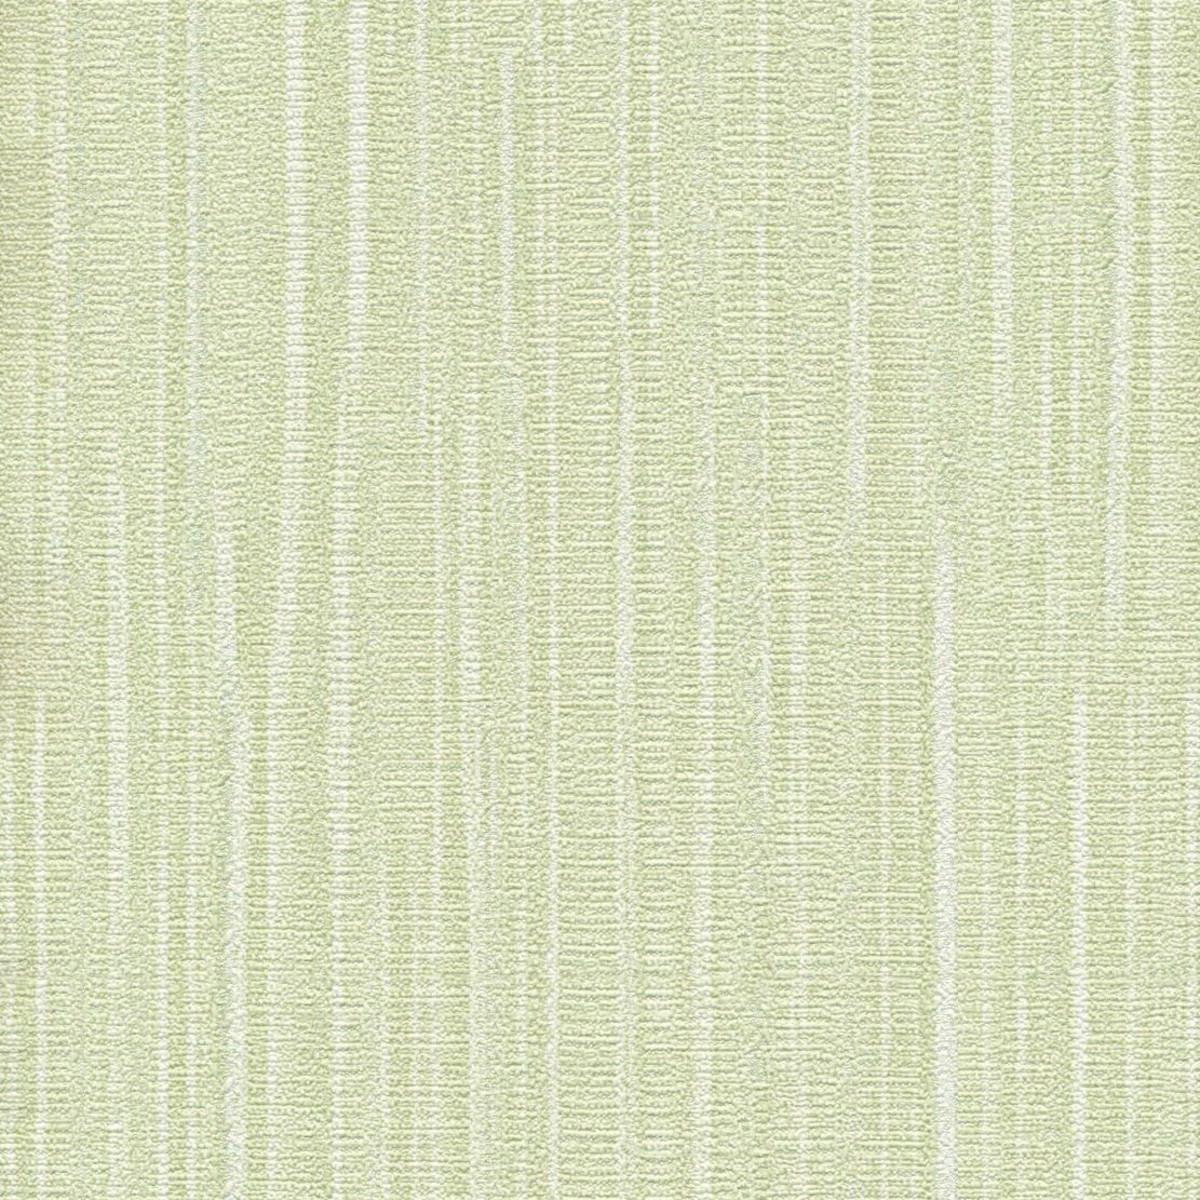 Обои виниловые Gaenari зеленые 1.06 м 88322-3